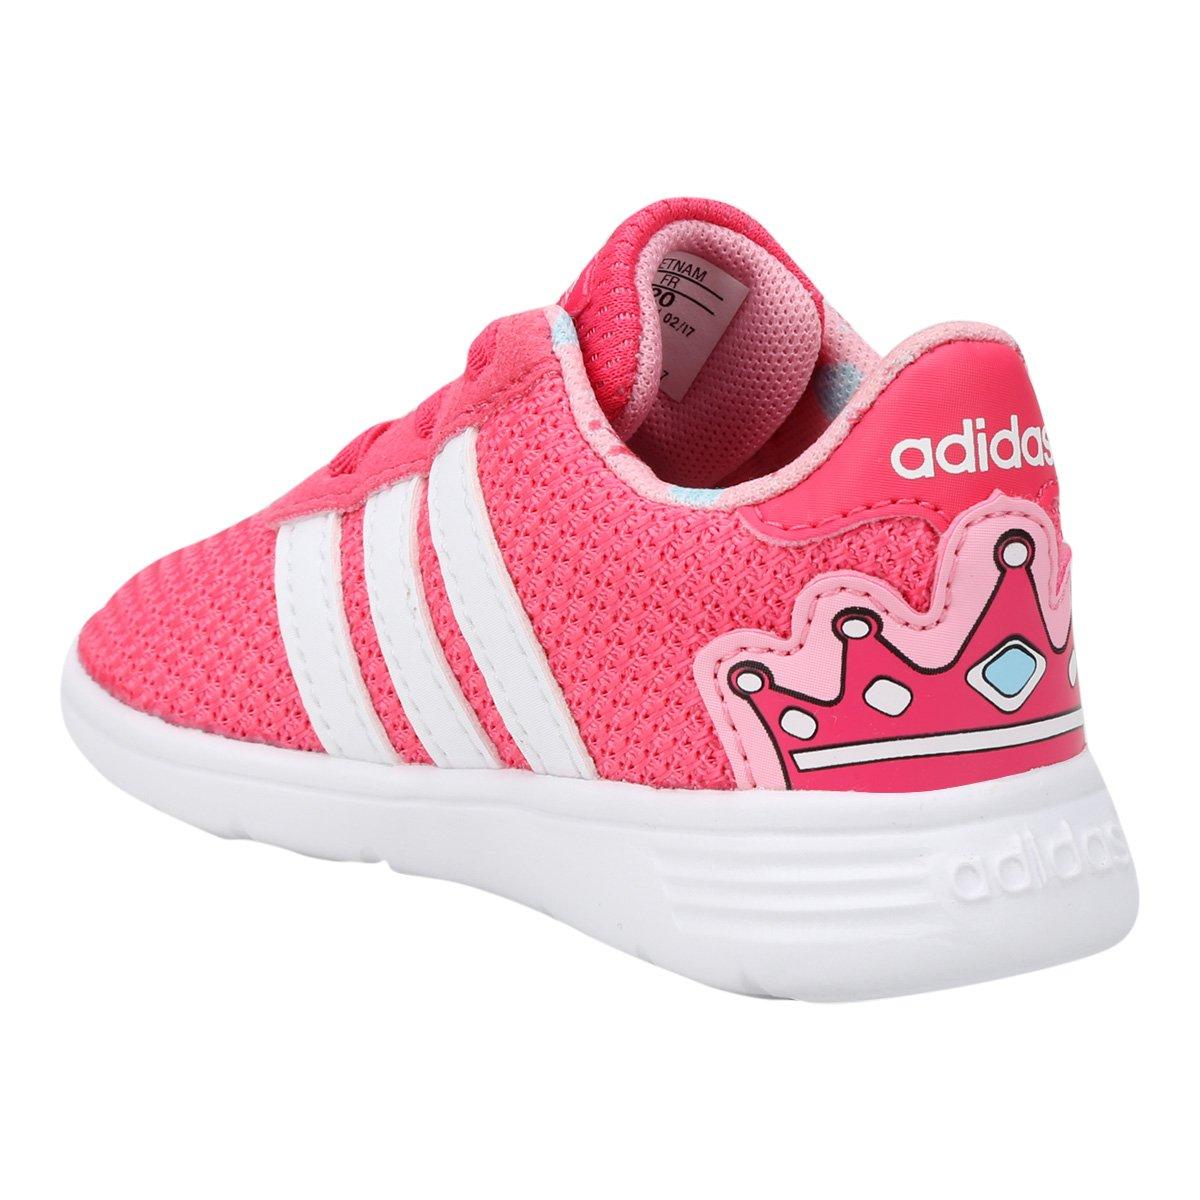 76e4799af9697 Tênis Infantil Adidas Lite Racer Feminino | Livelo -Sua Vida com Mais  Recompensas